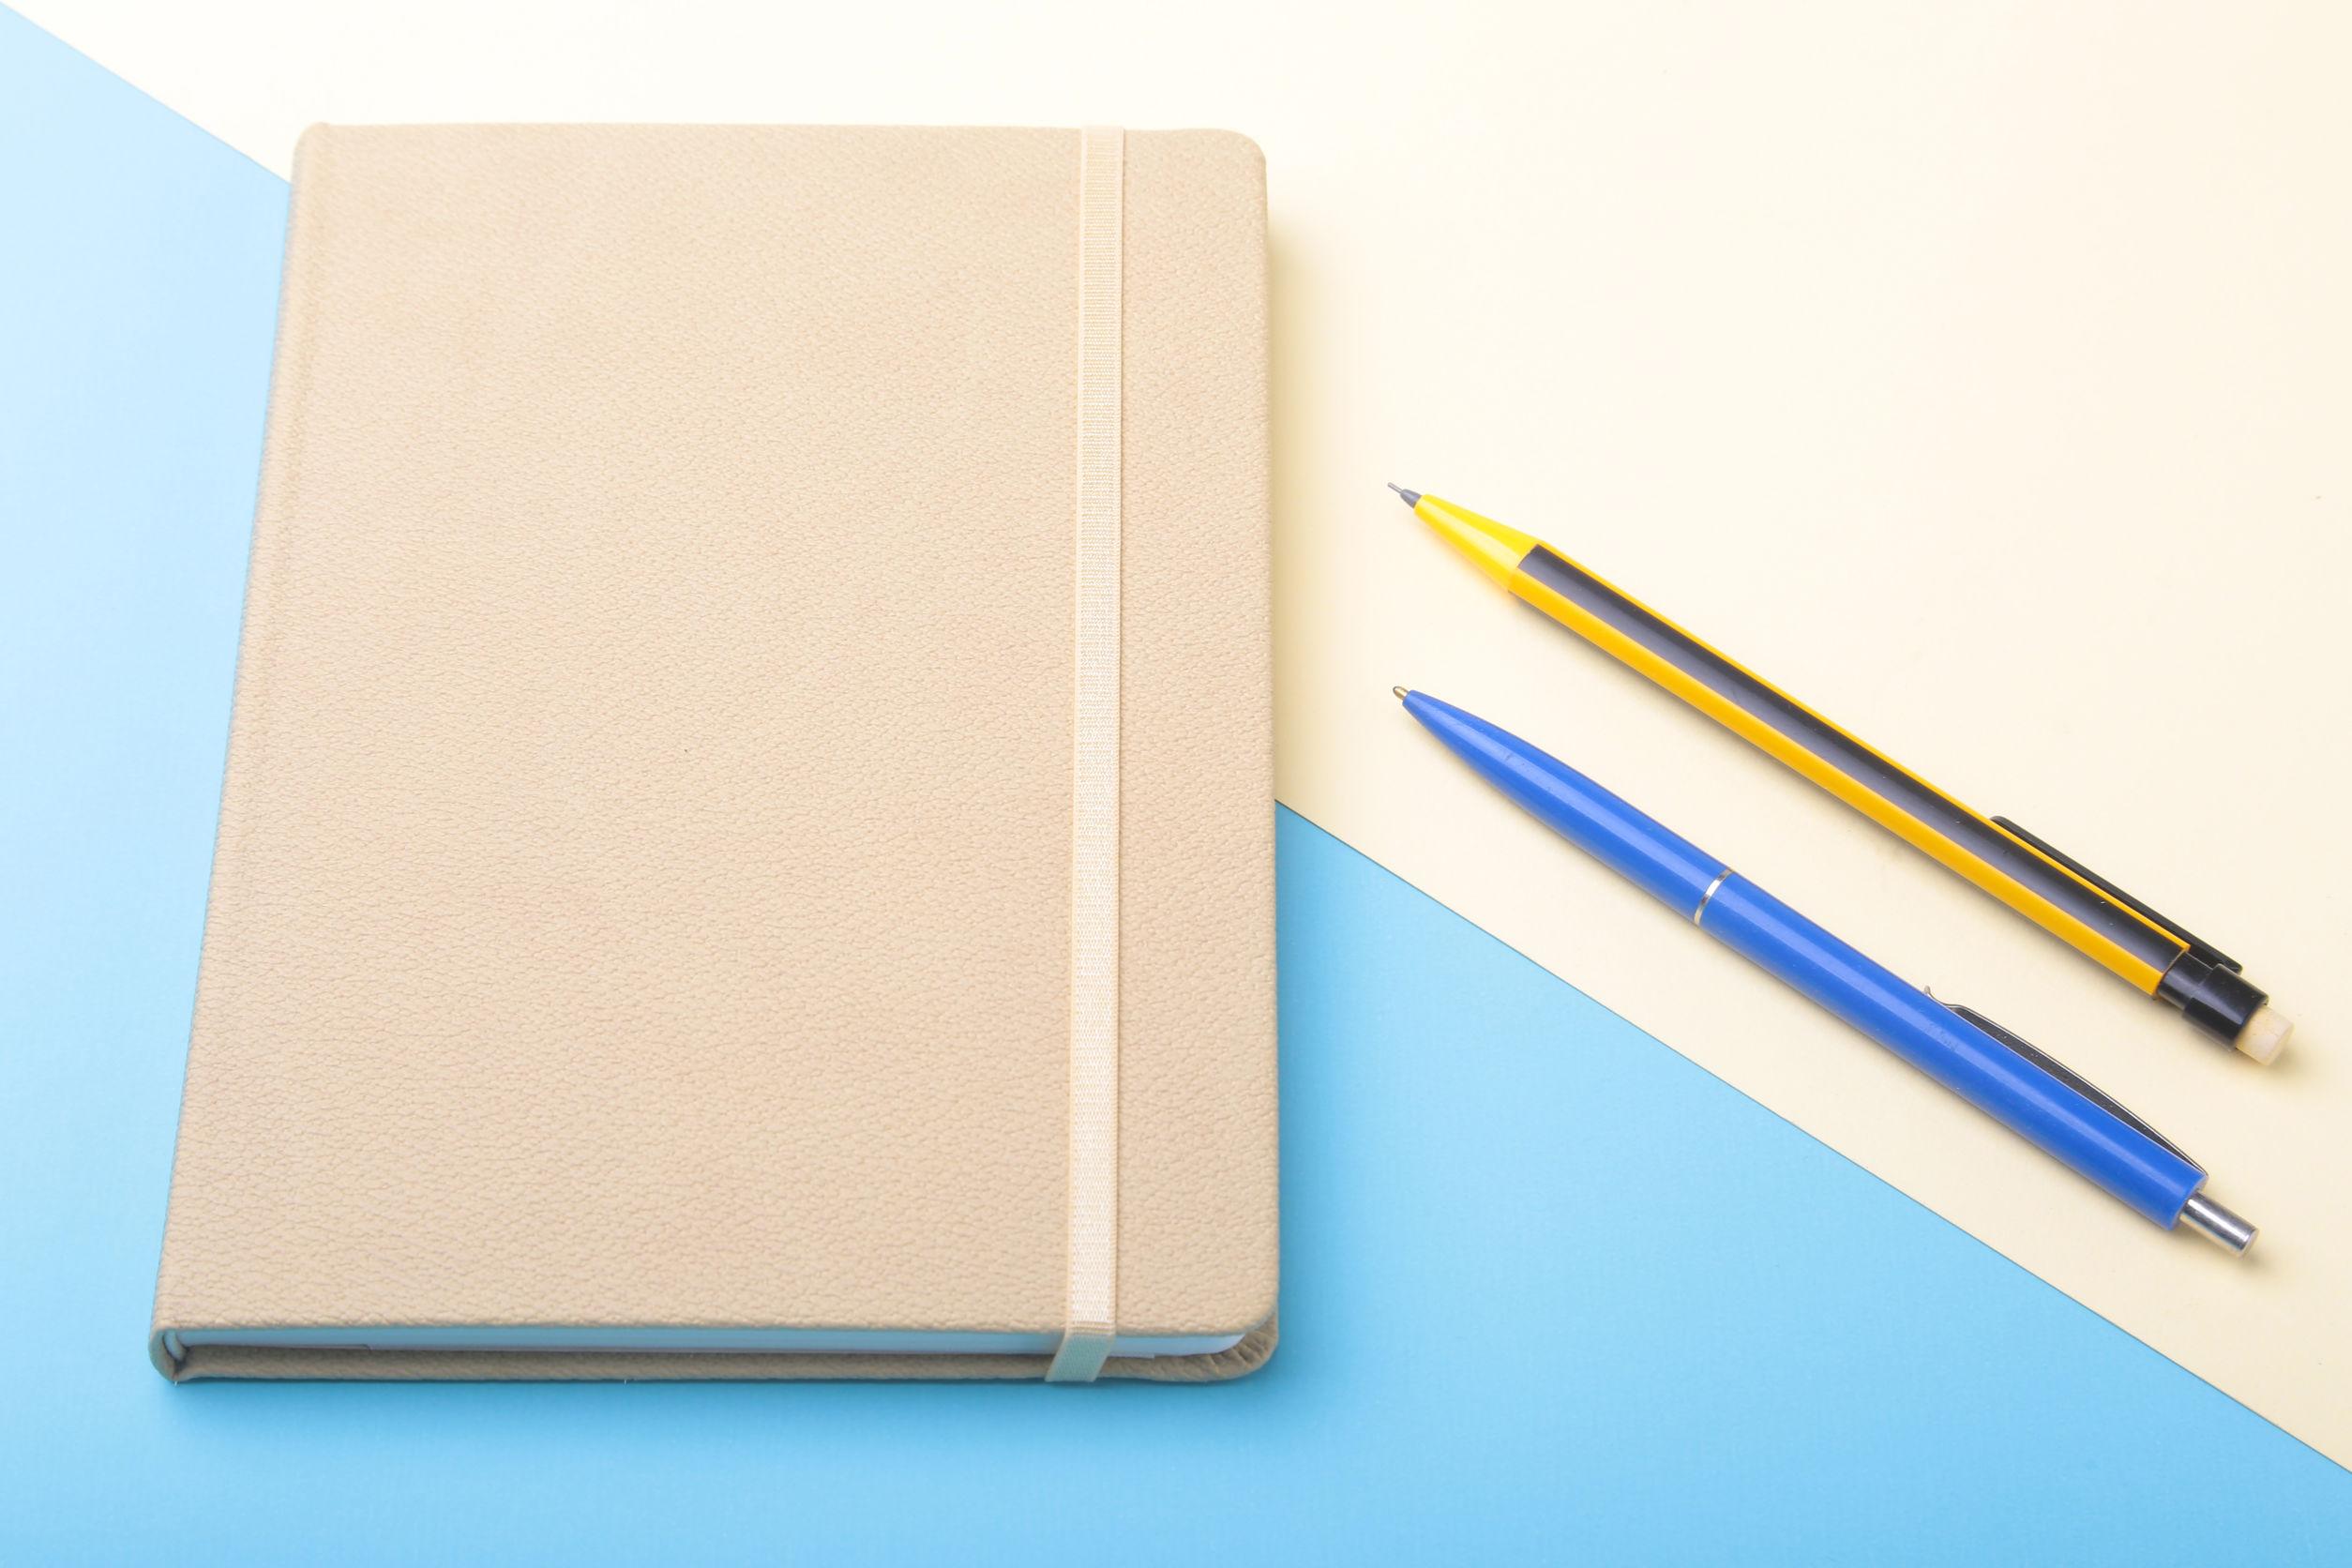 Cuaderno inteligente: ¿Cuál es el mejor del 2021?